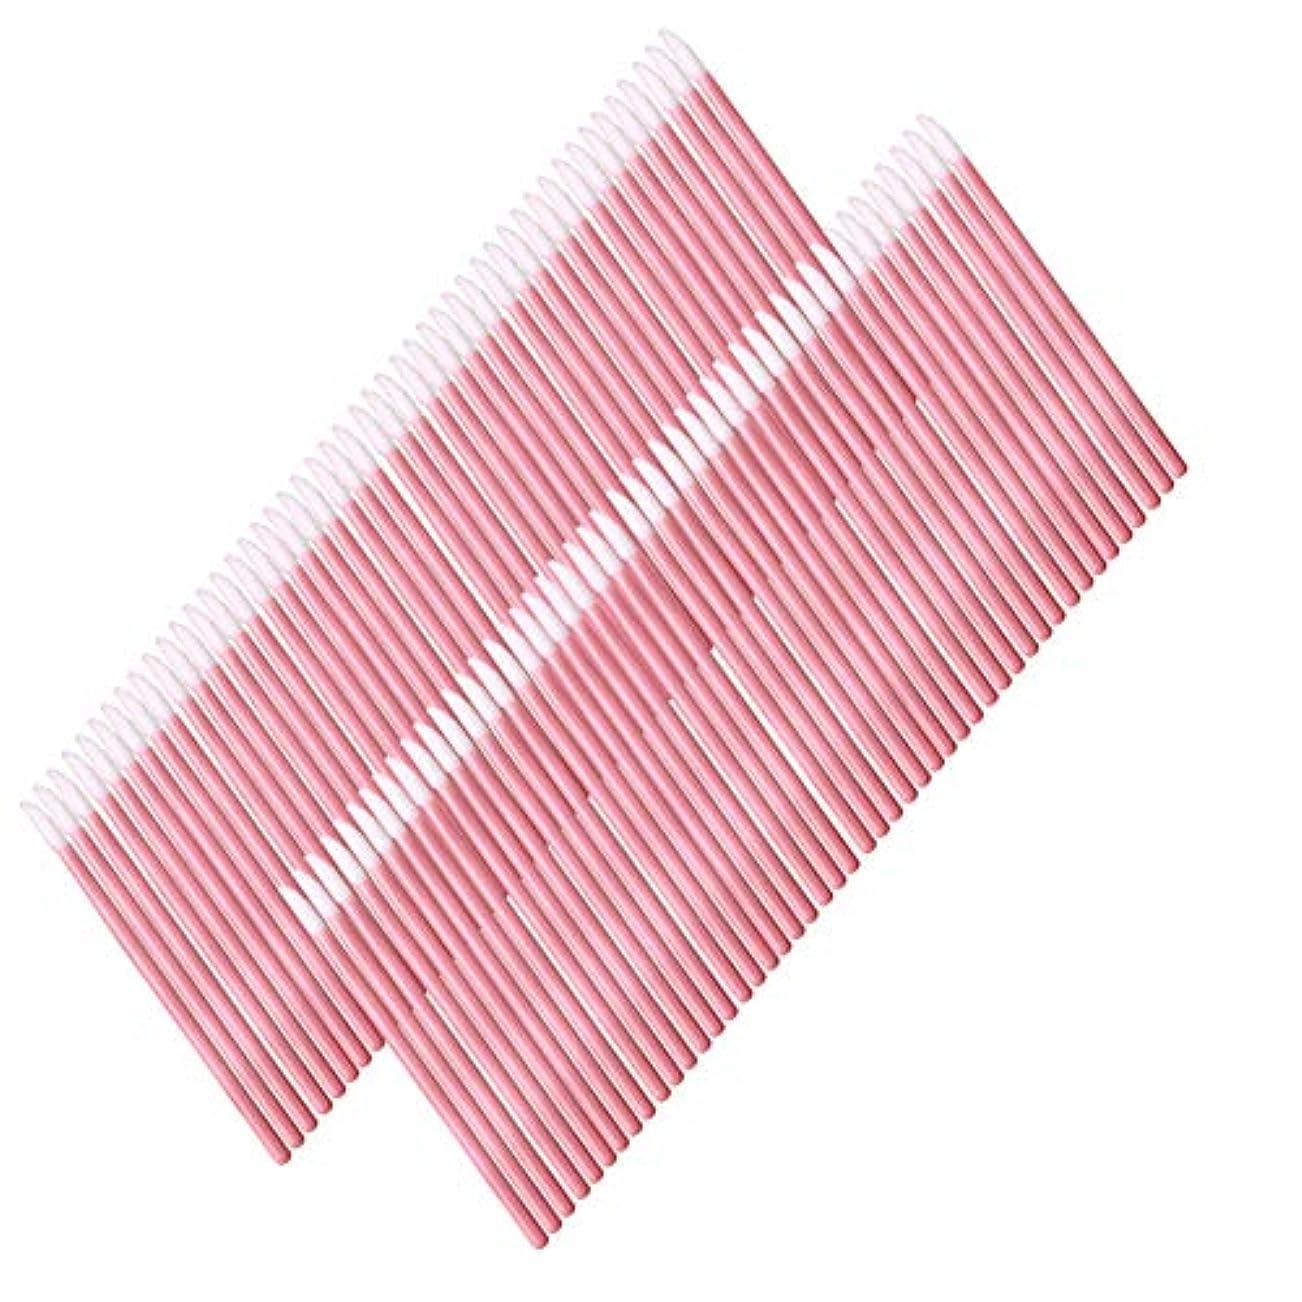 準備した気体の登録50使い捨てのリップブラシメイクブラシアプリケーターリップグロス口紅のメイクアップツールトークン(ピンク)